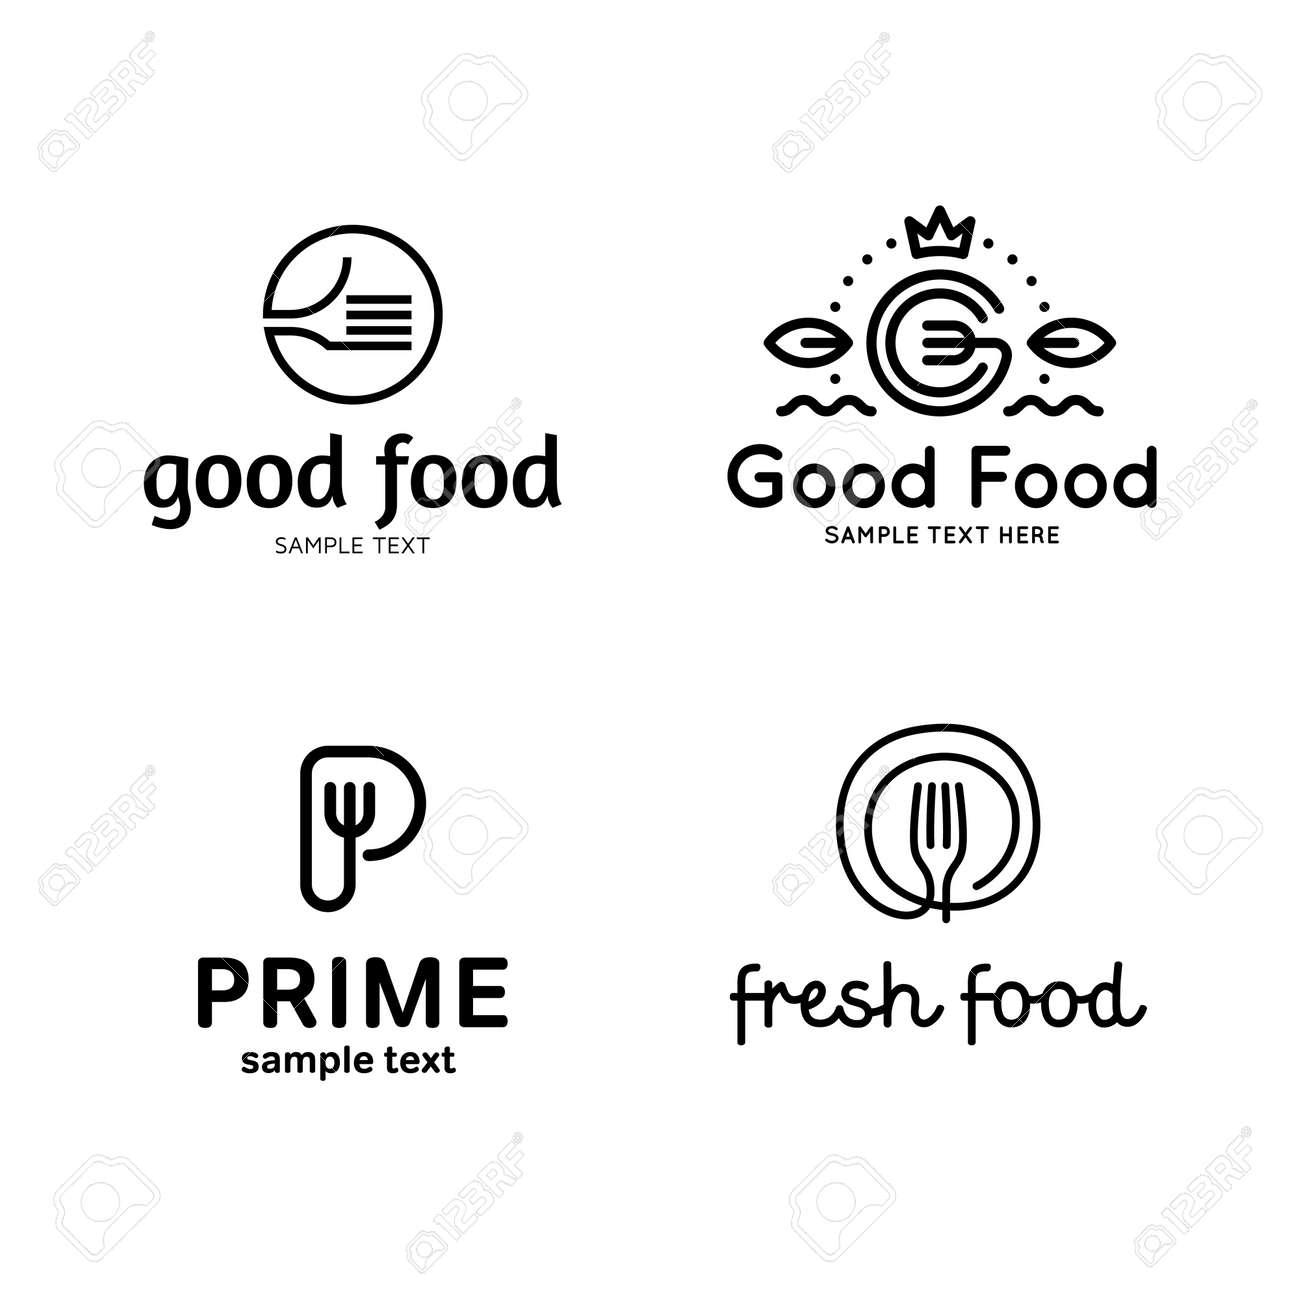 Good food logo design template set  Vector fork illustration